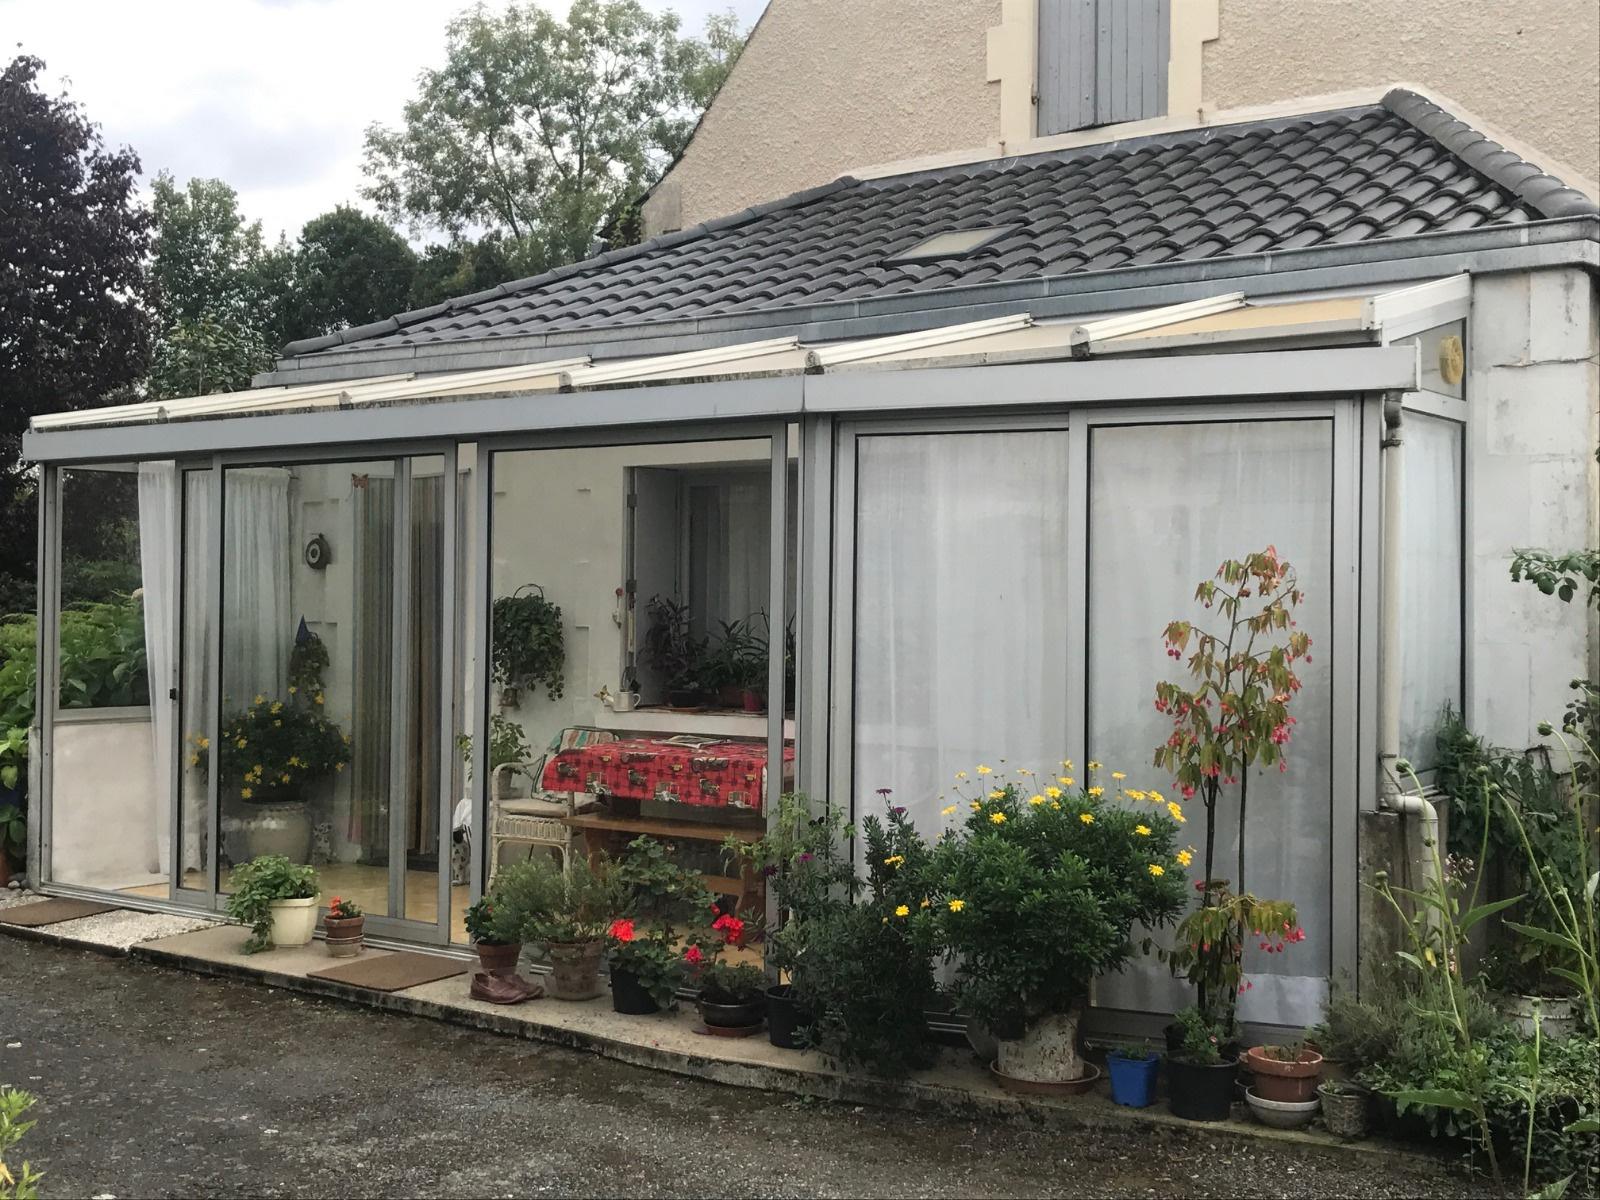 Vente une belle maison avec sa propre tour terrain de for Maison avec une tour